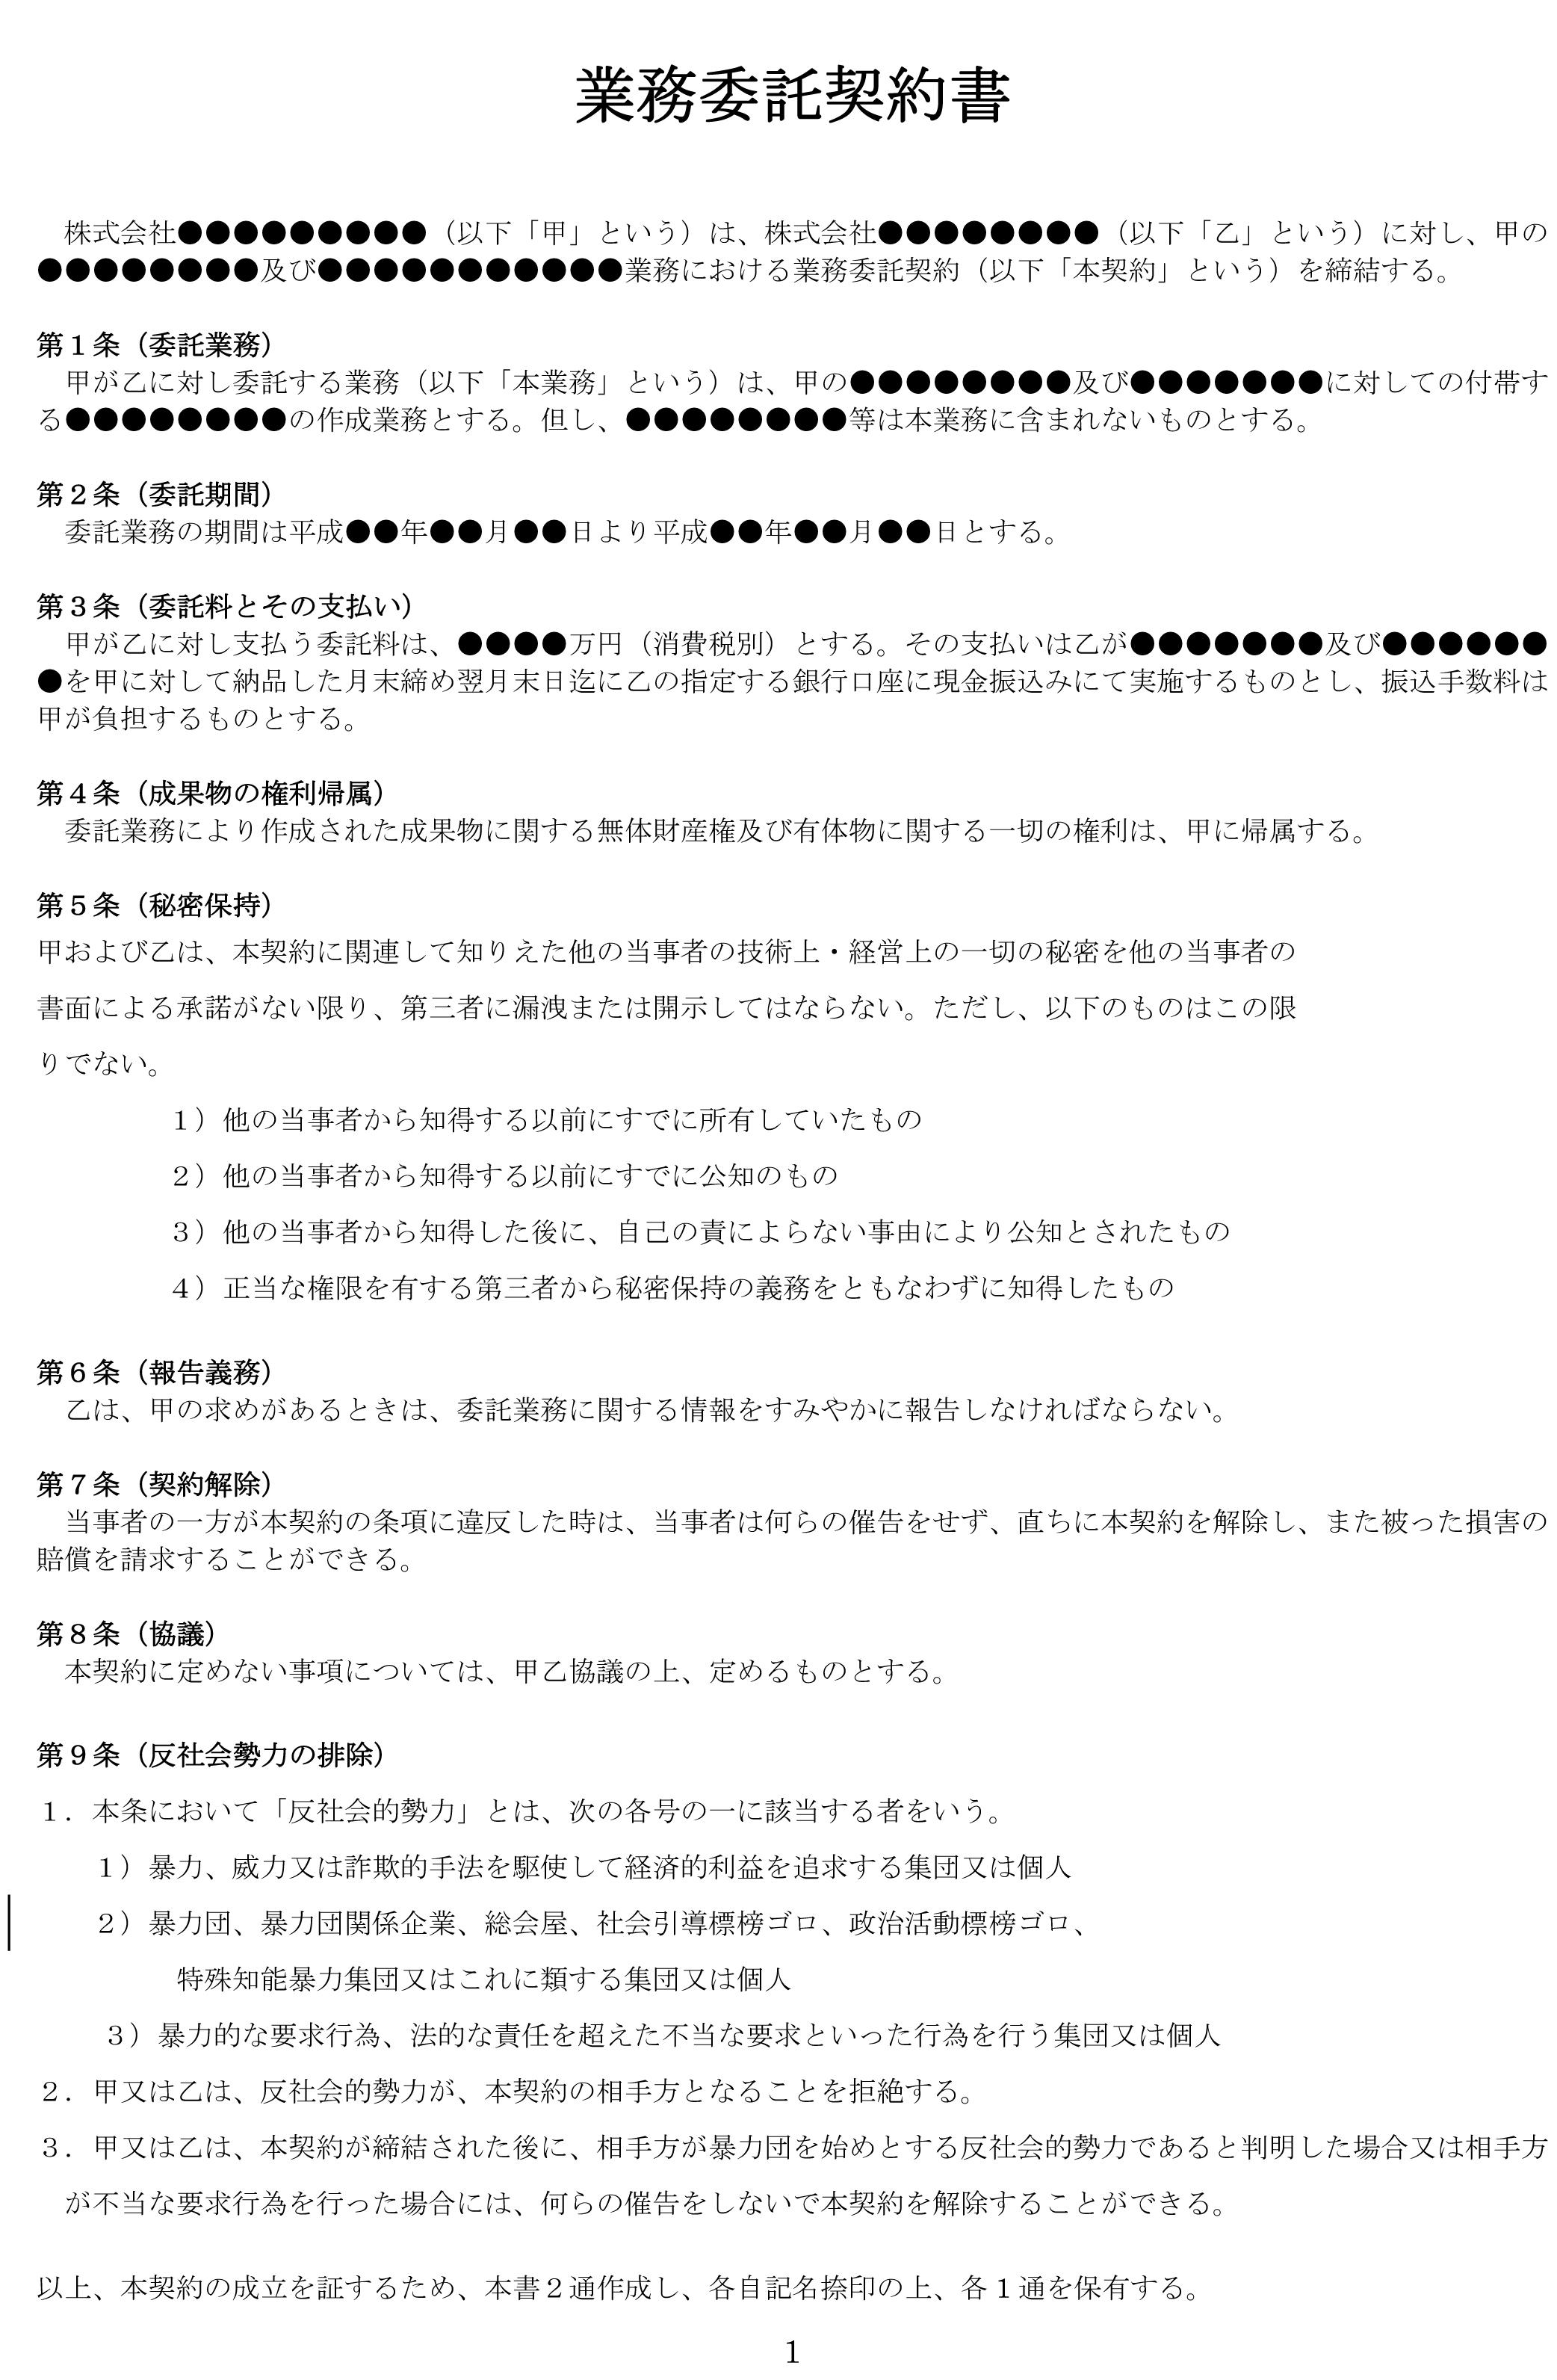 業務委託契約書_6